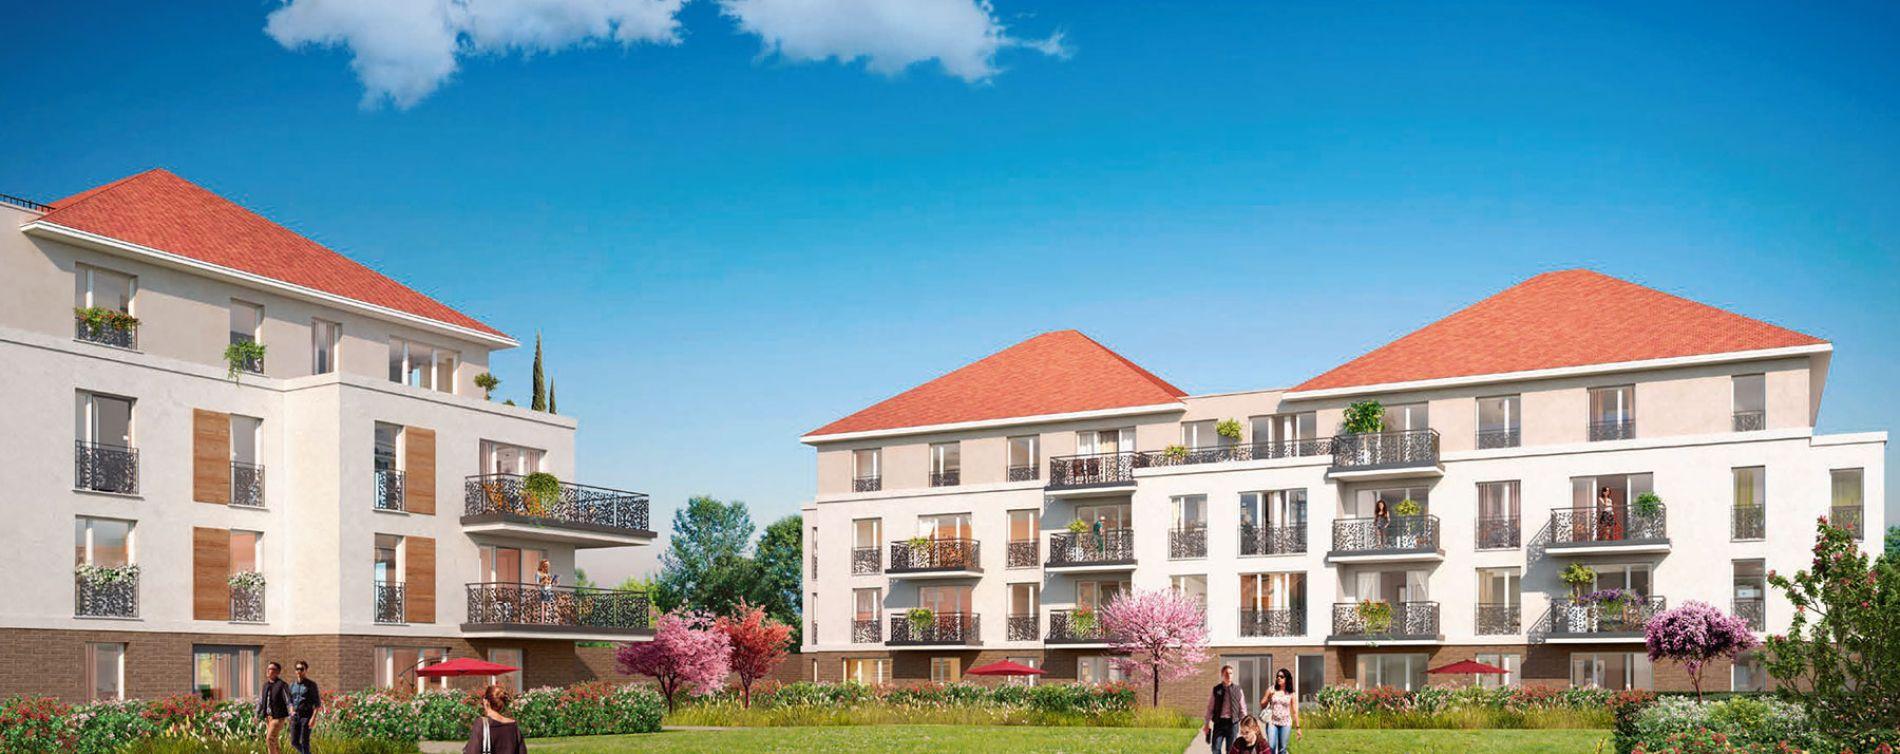 Jouy-le-Moutier : programme immobilier neuve « Les Jardins des Retentis II » (2)